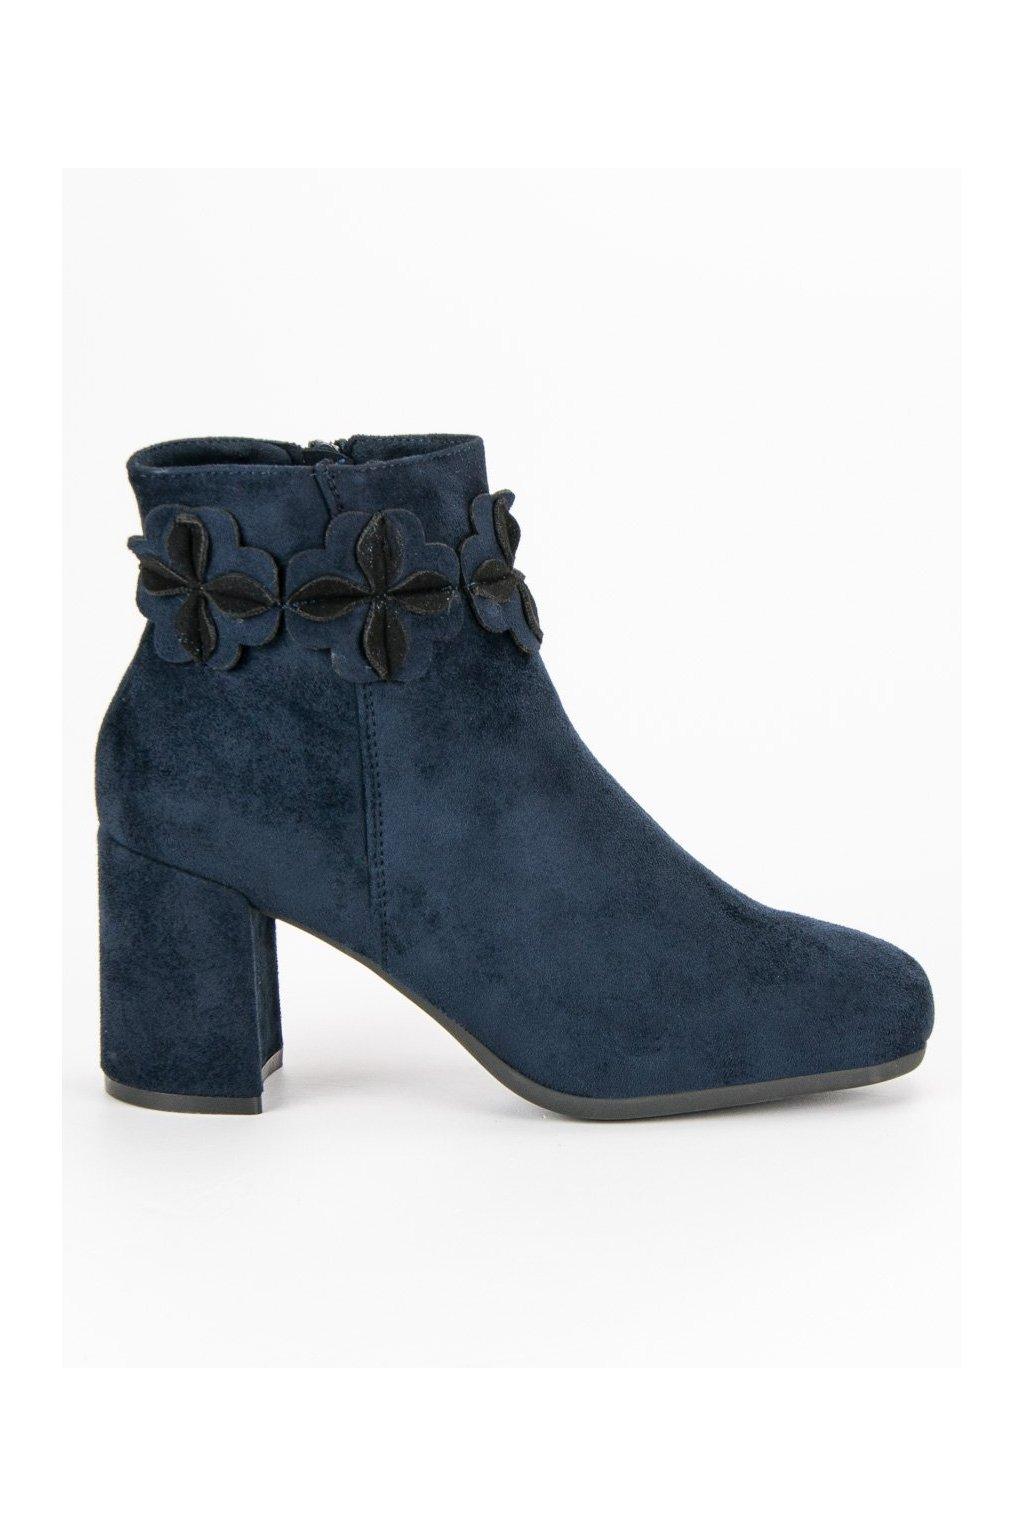 Tmavo modré topánky semišové čižmy Kylie